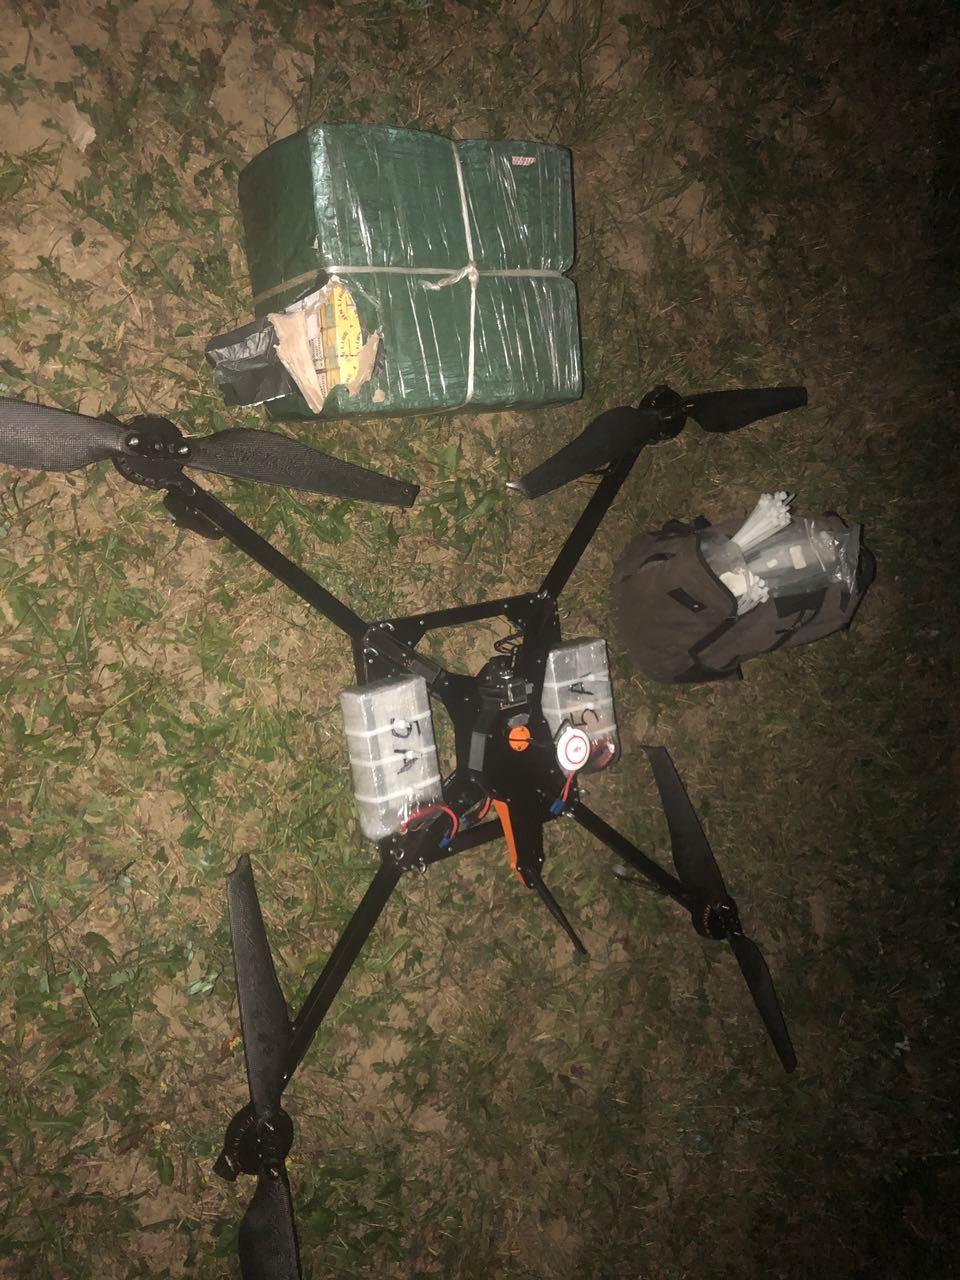 Сьогодні вночі поблизу українсько-словацького кордону прикордонники виявили квадрокоптер та сигарети.